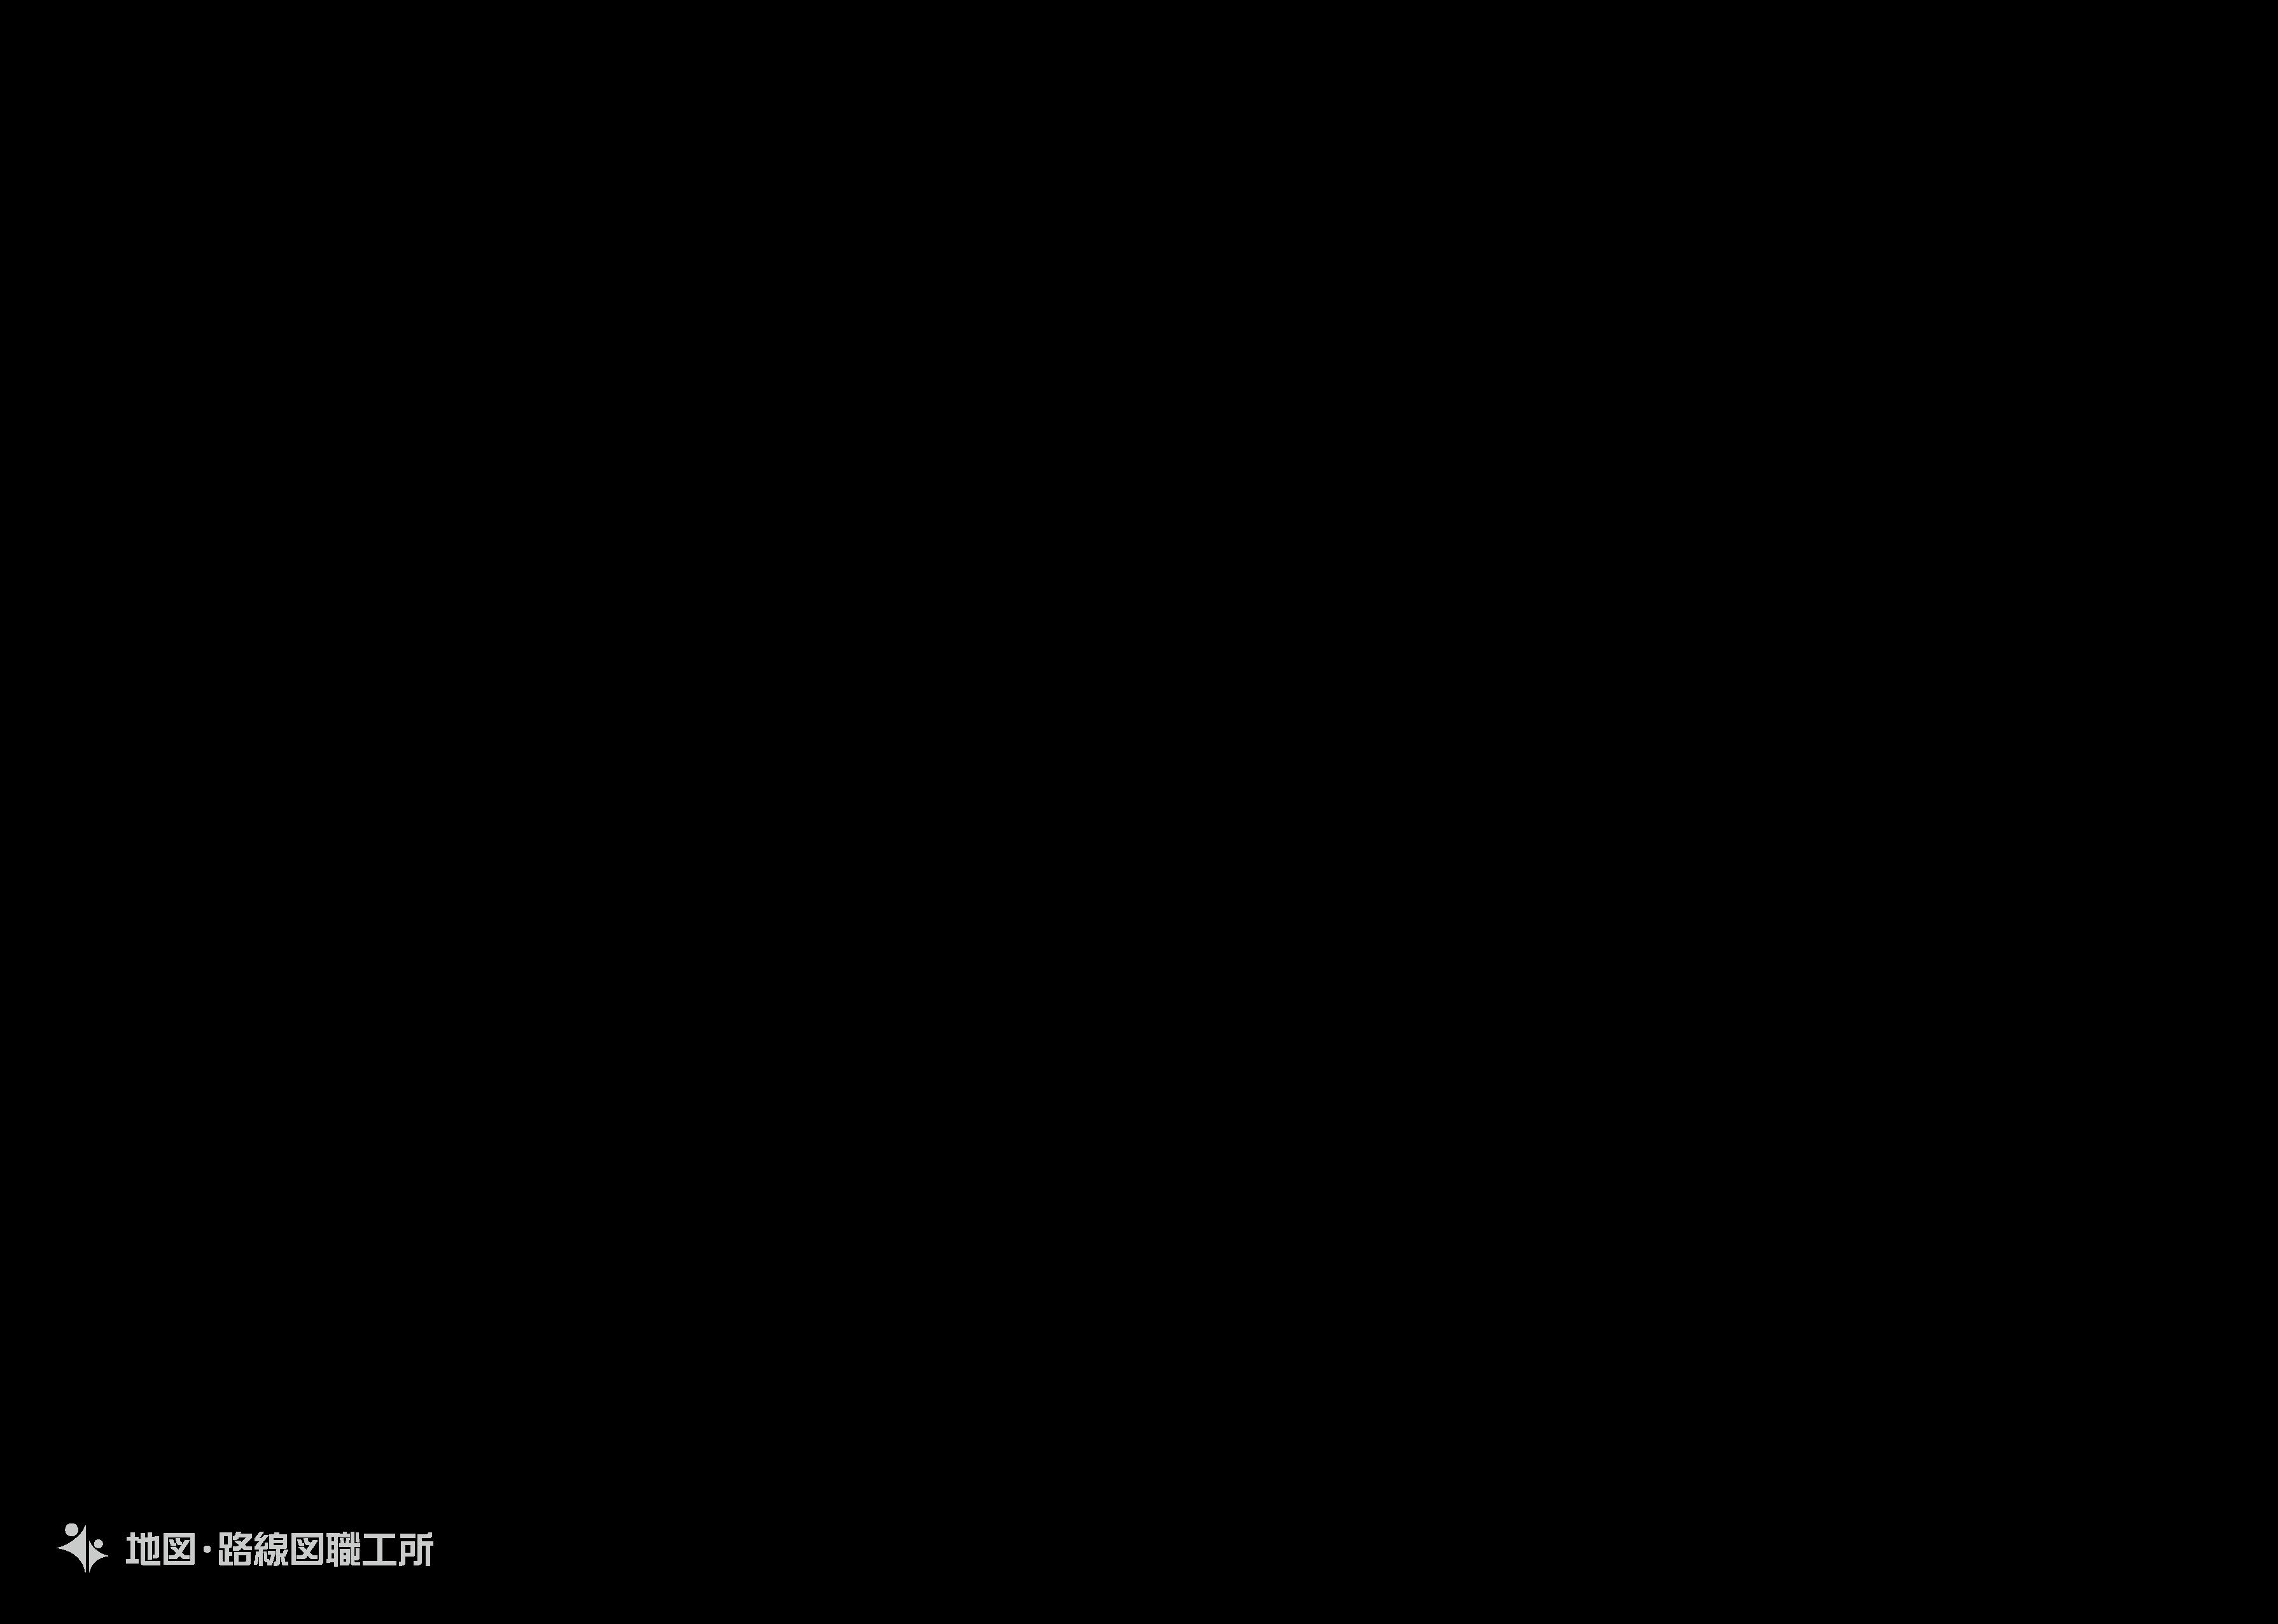 世界の白地図 ミクロネシア連邦 federated-states-of-micronesia map